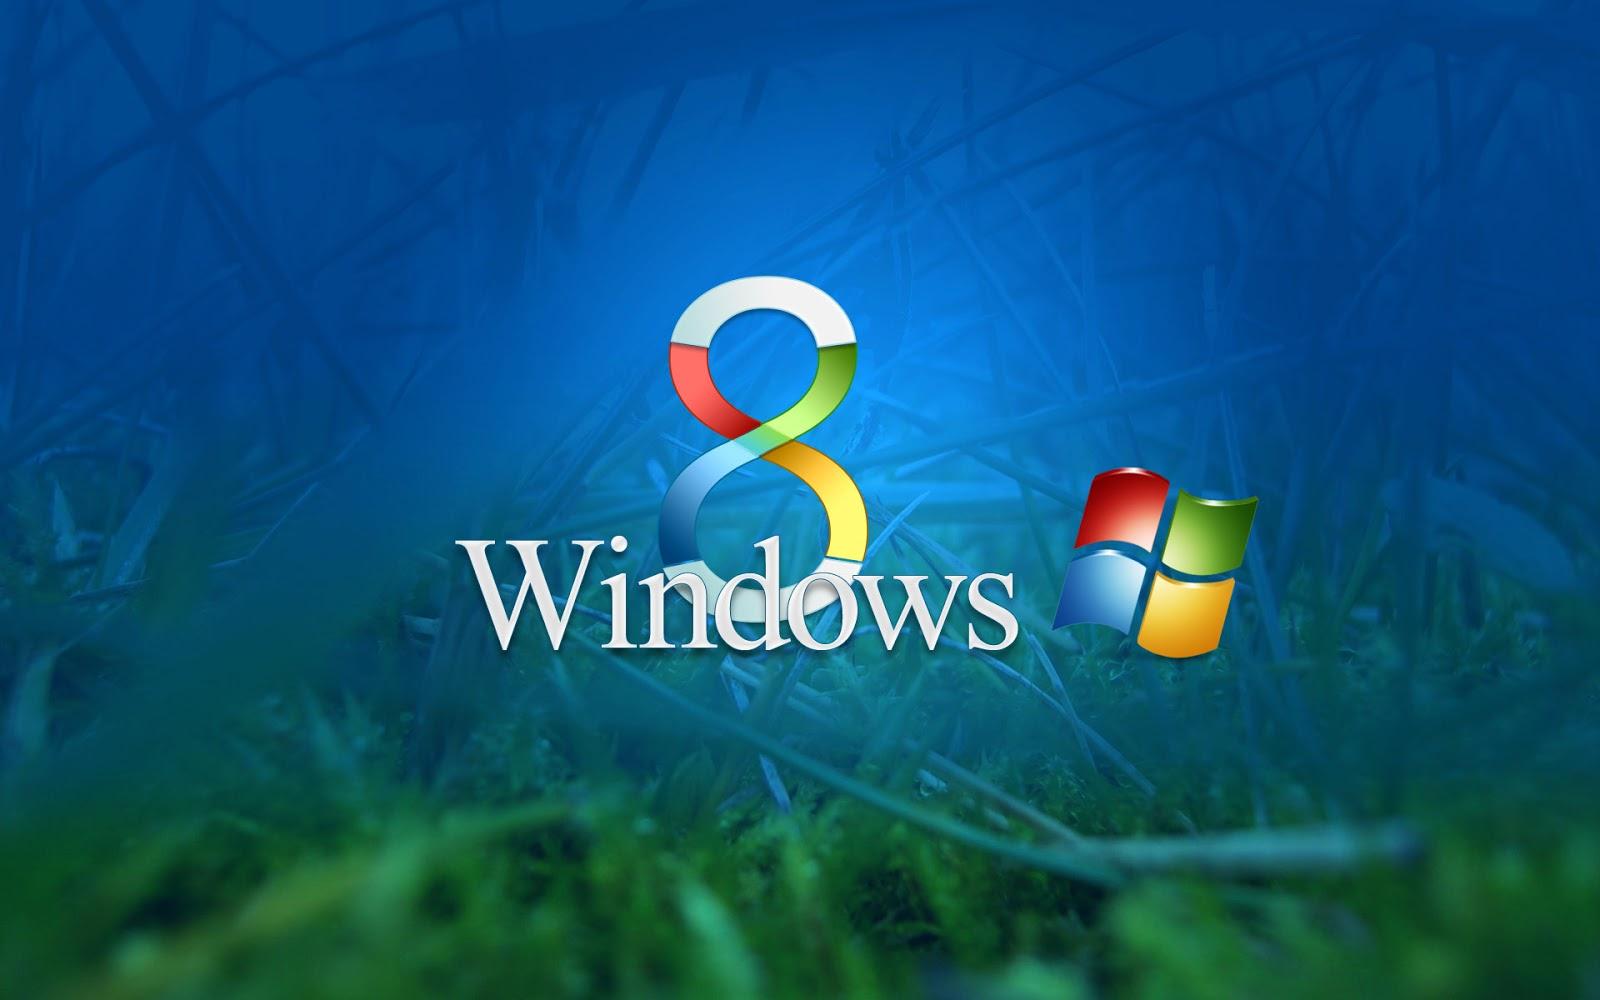 Windows 8 a Vândut Peste 200  de Milioane de Licențe